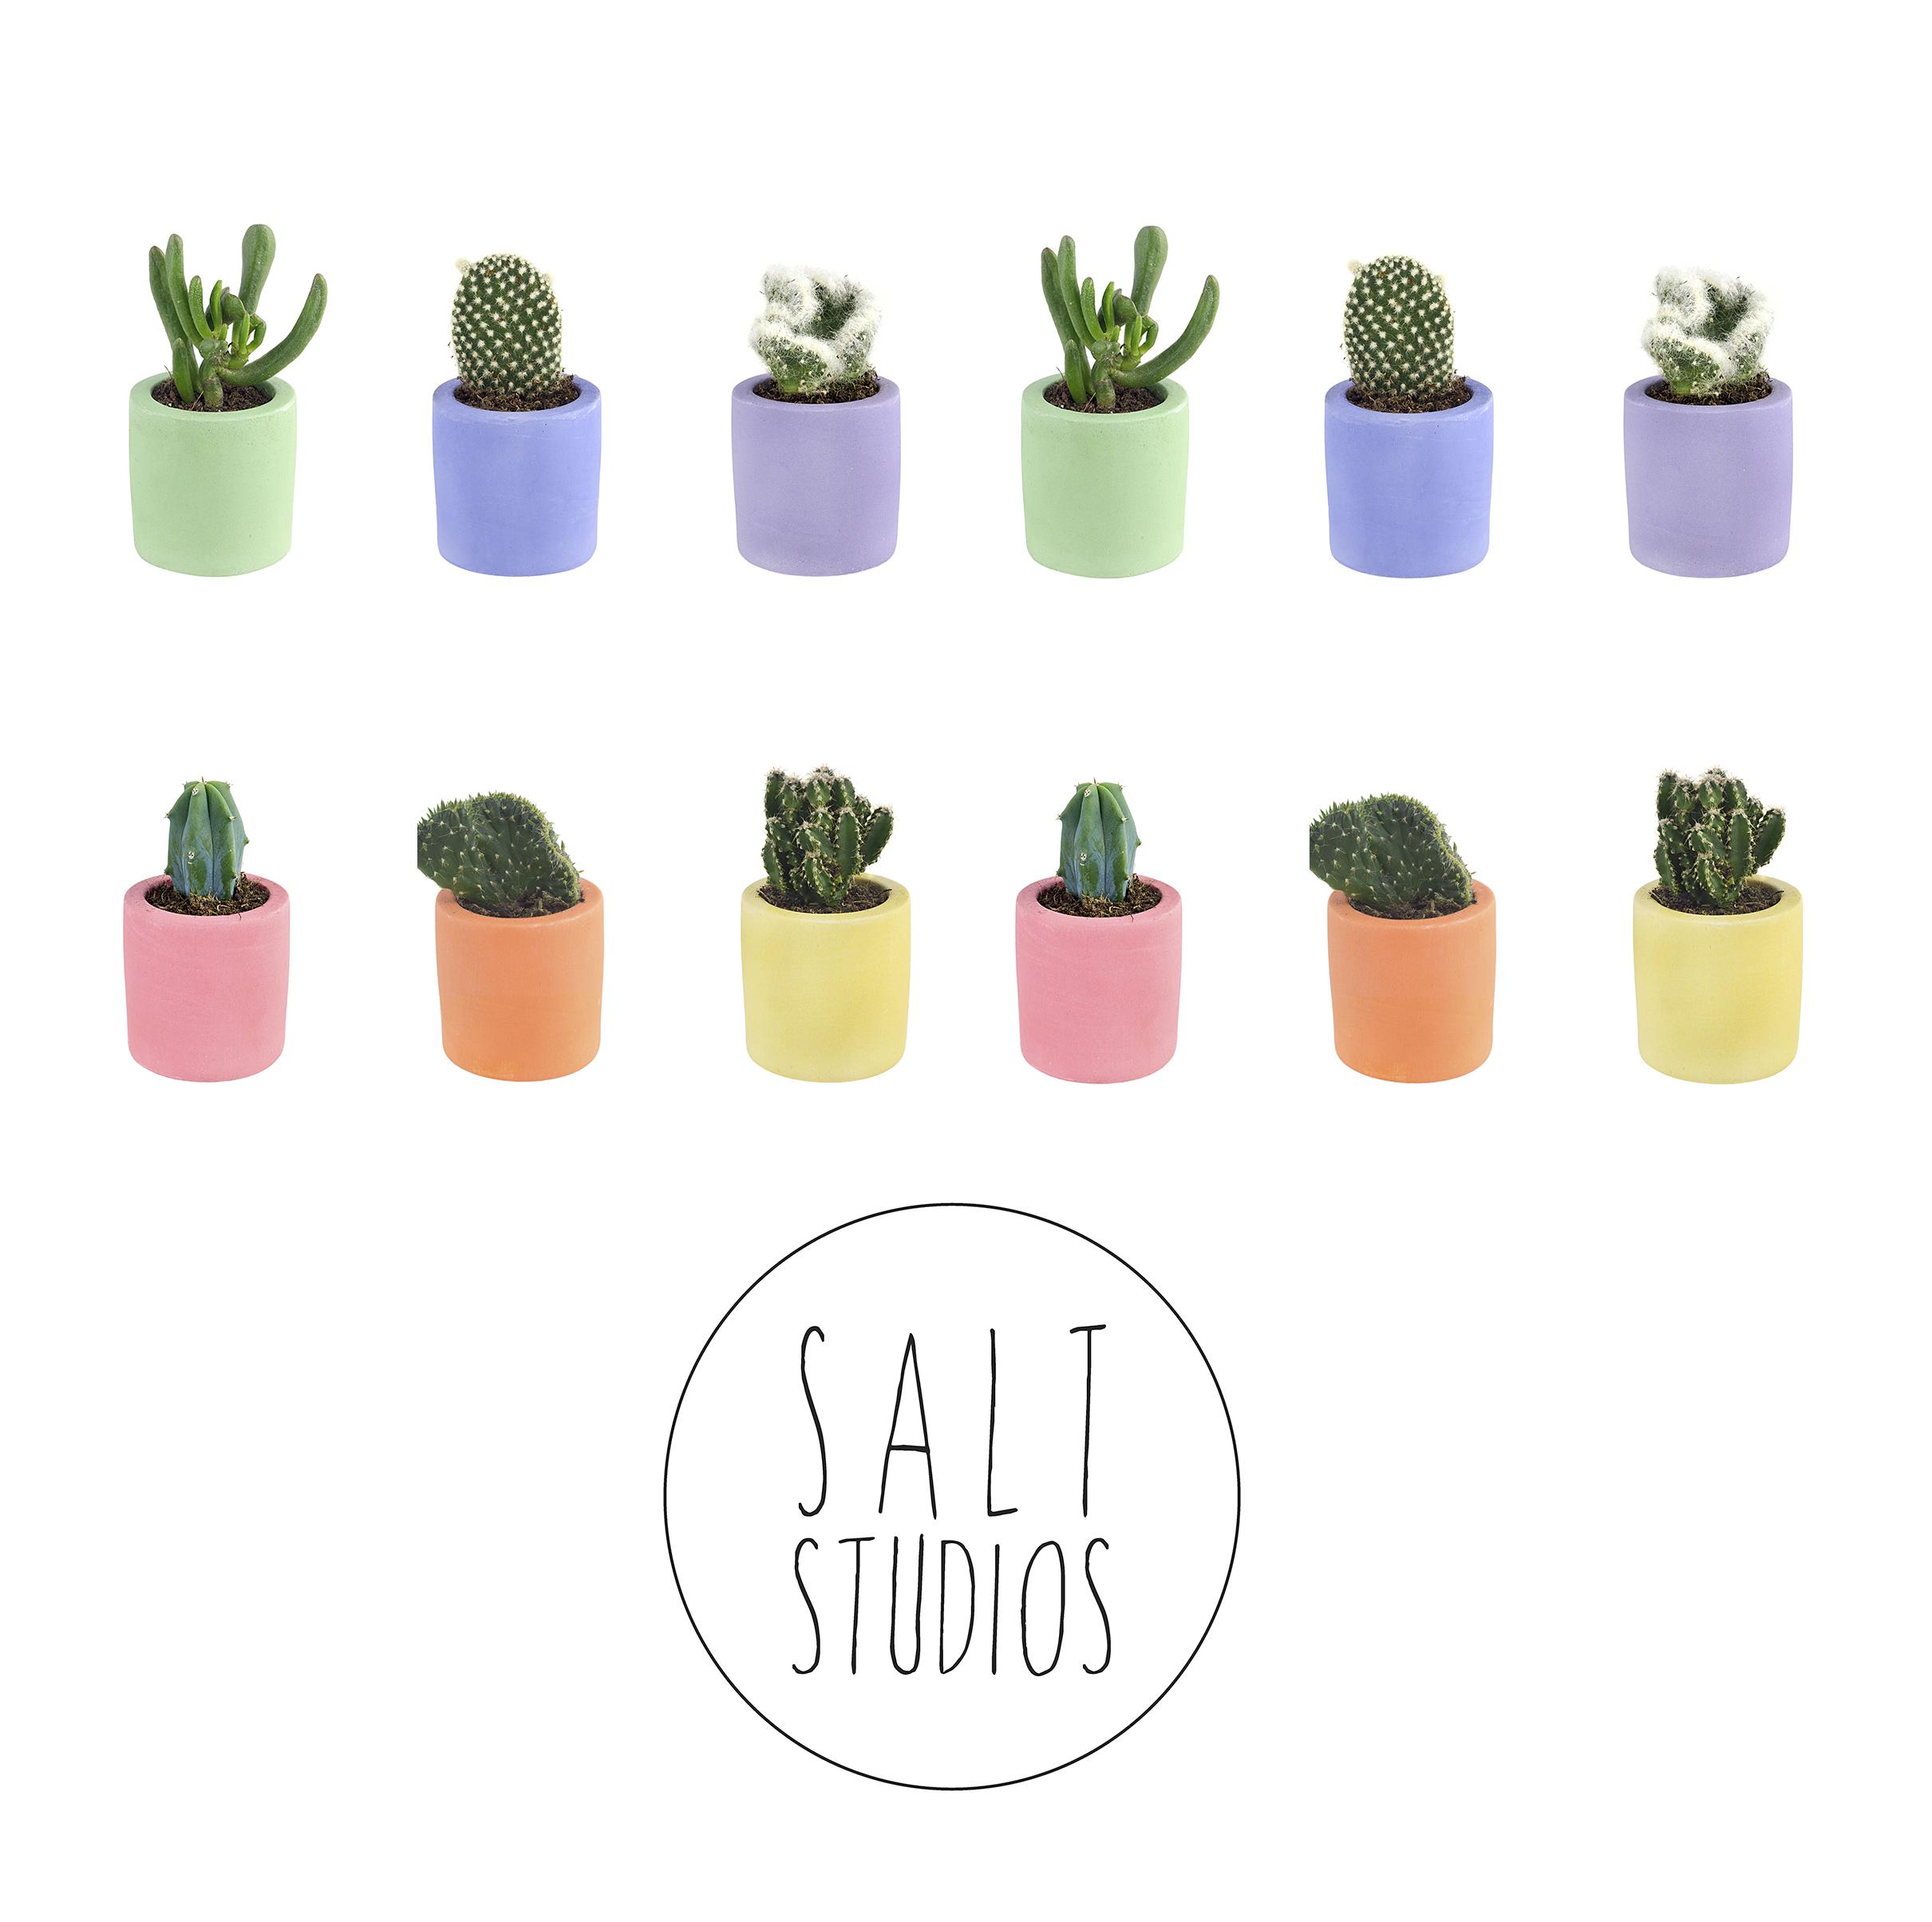 Salt Studios